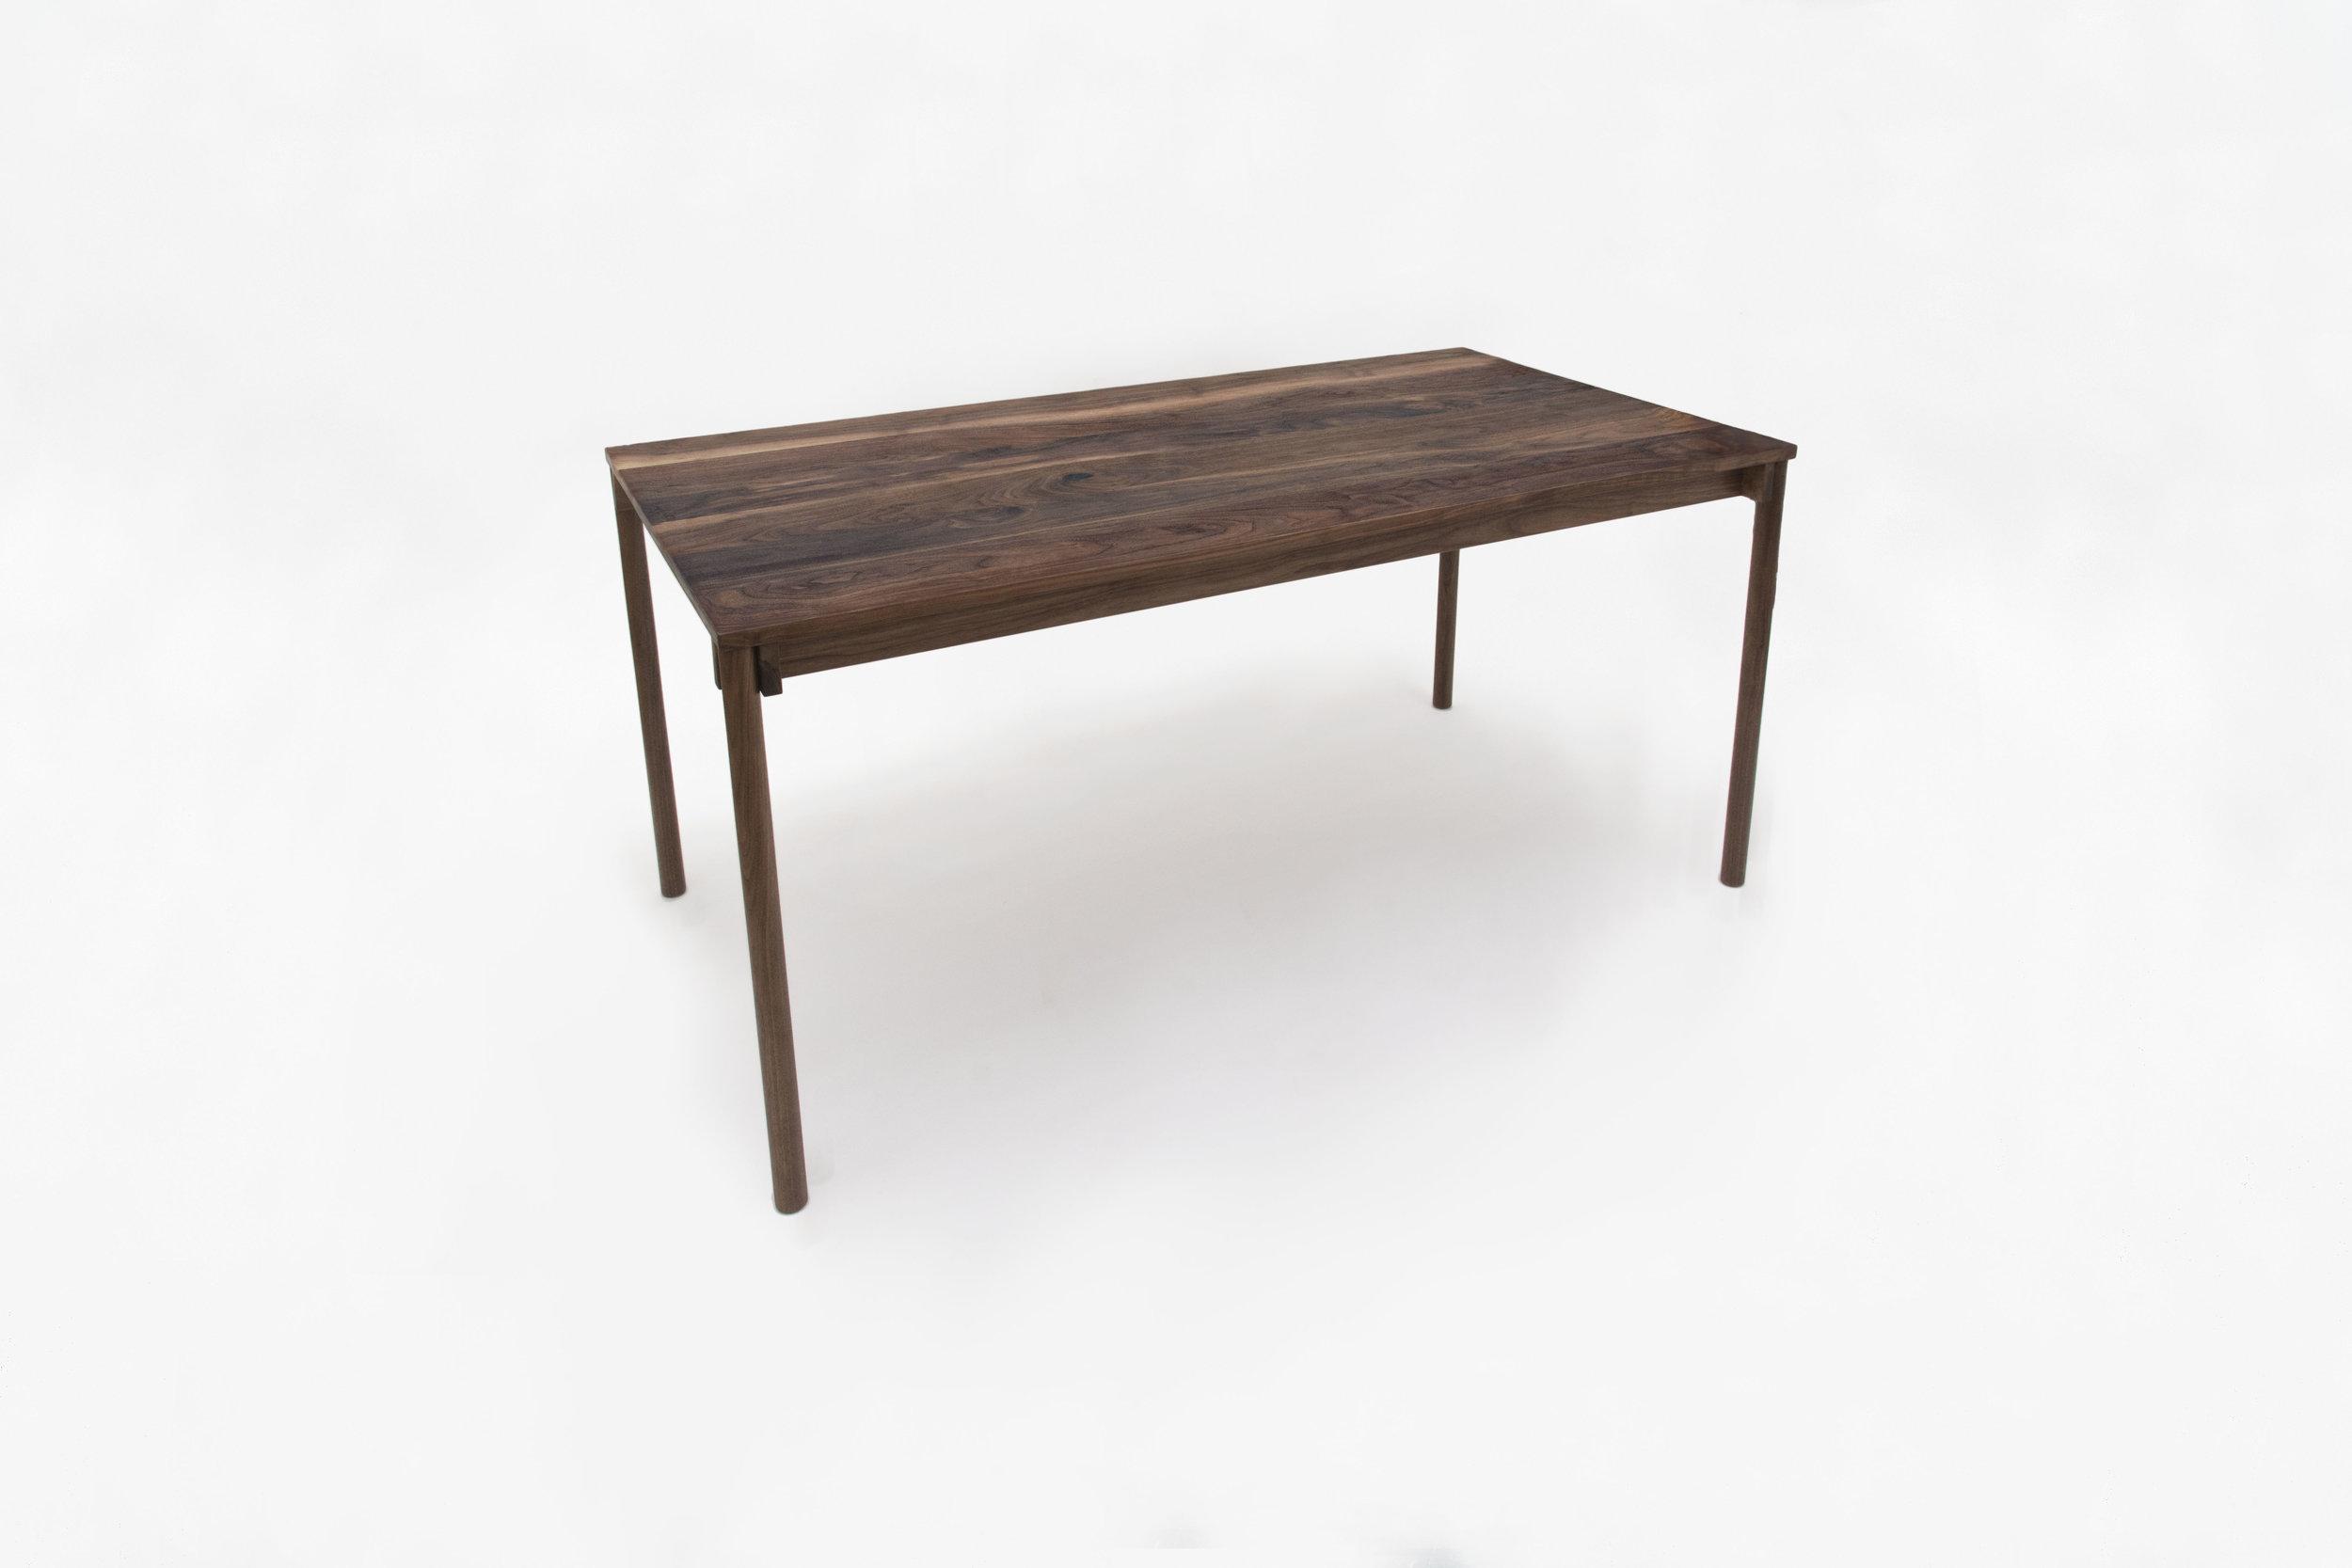 teot table 1.jpg